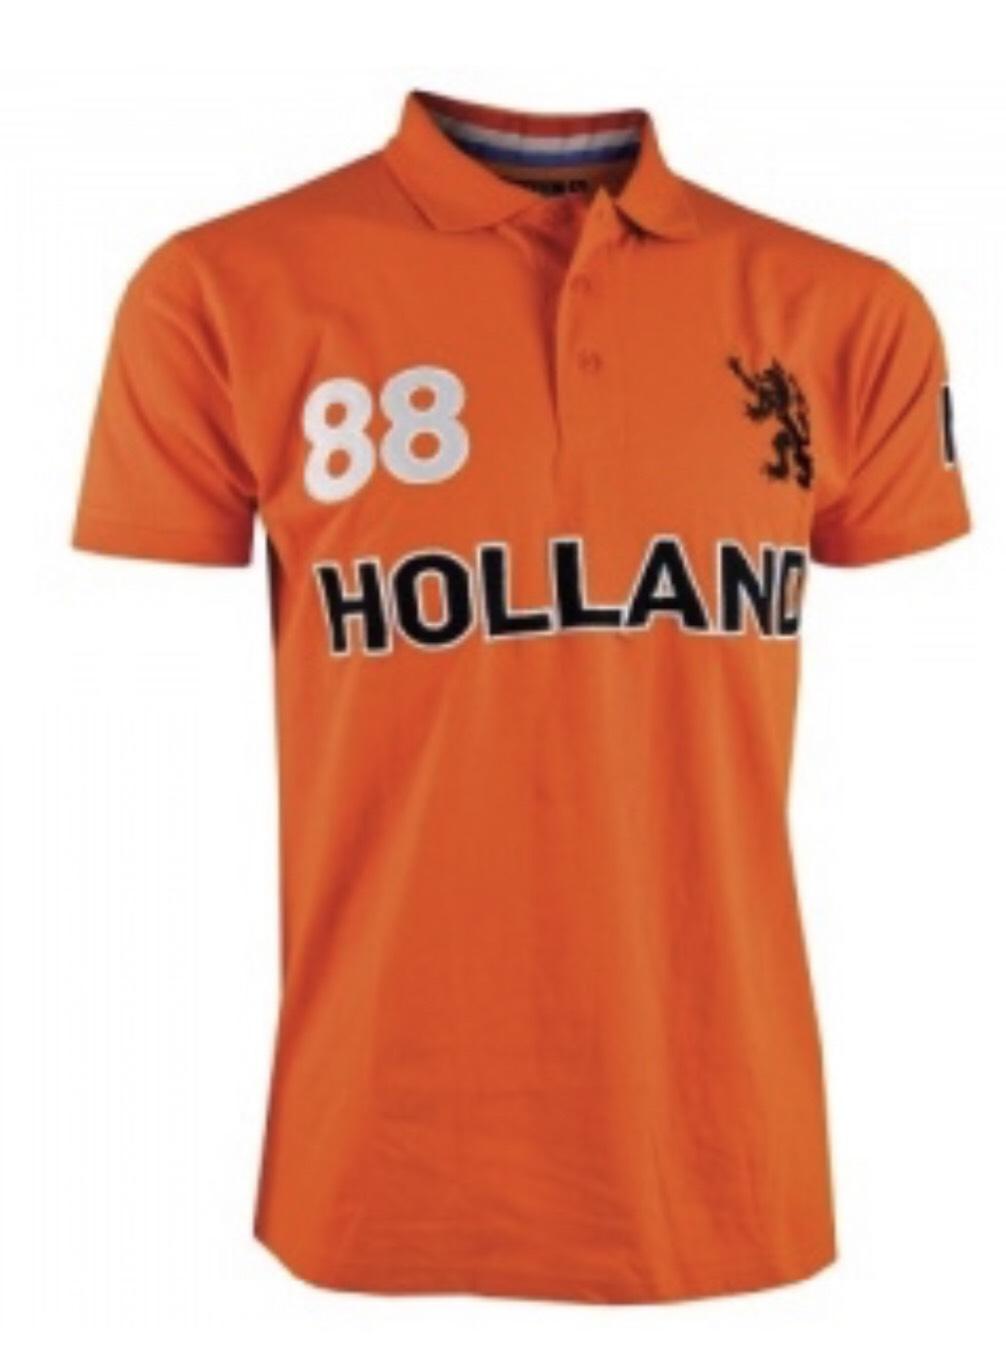 HOLLAND polo's maat S in de kleuren (oranje, zwart en blauw)